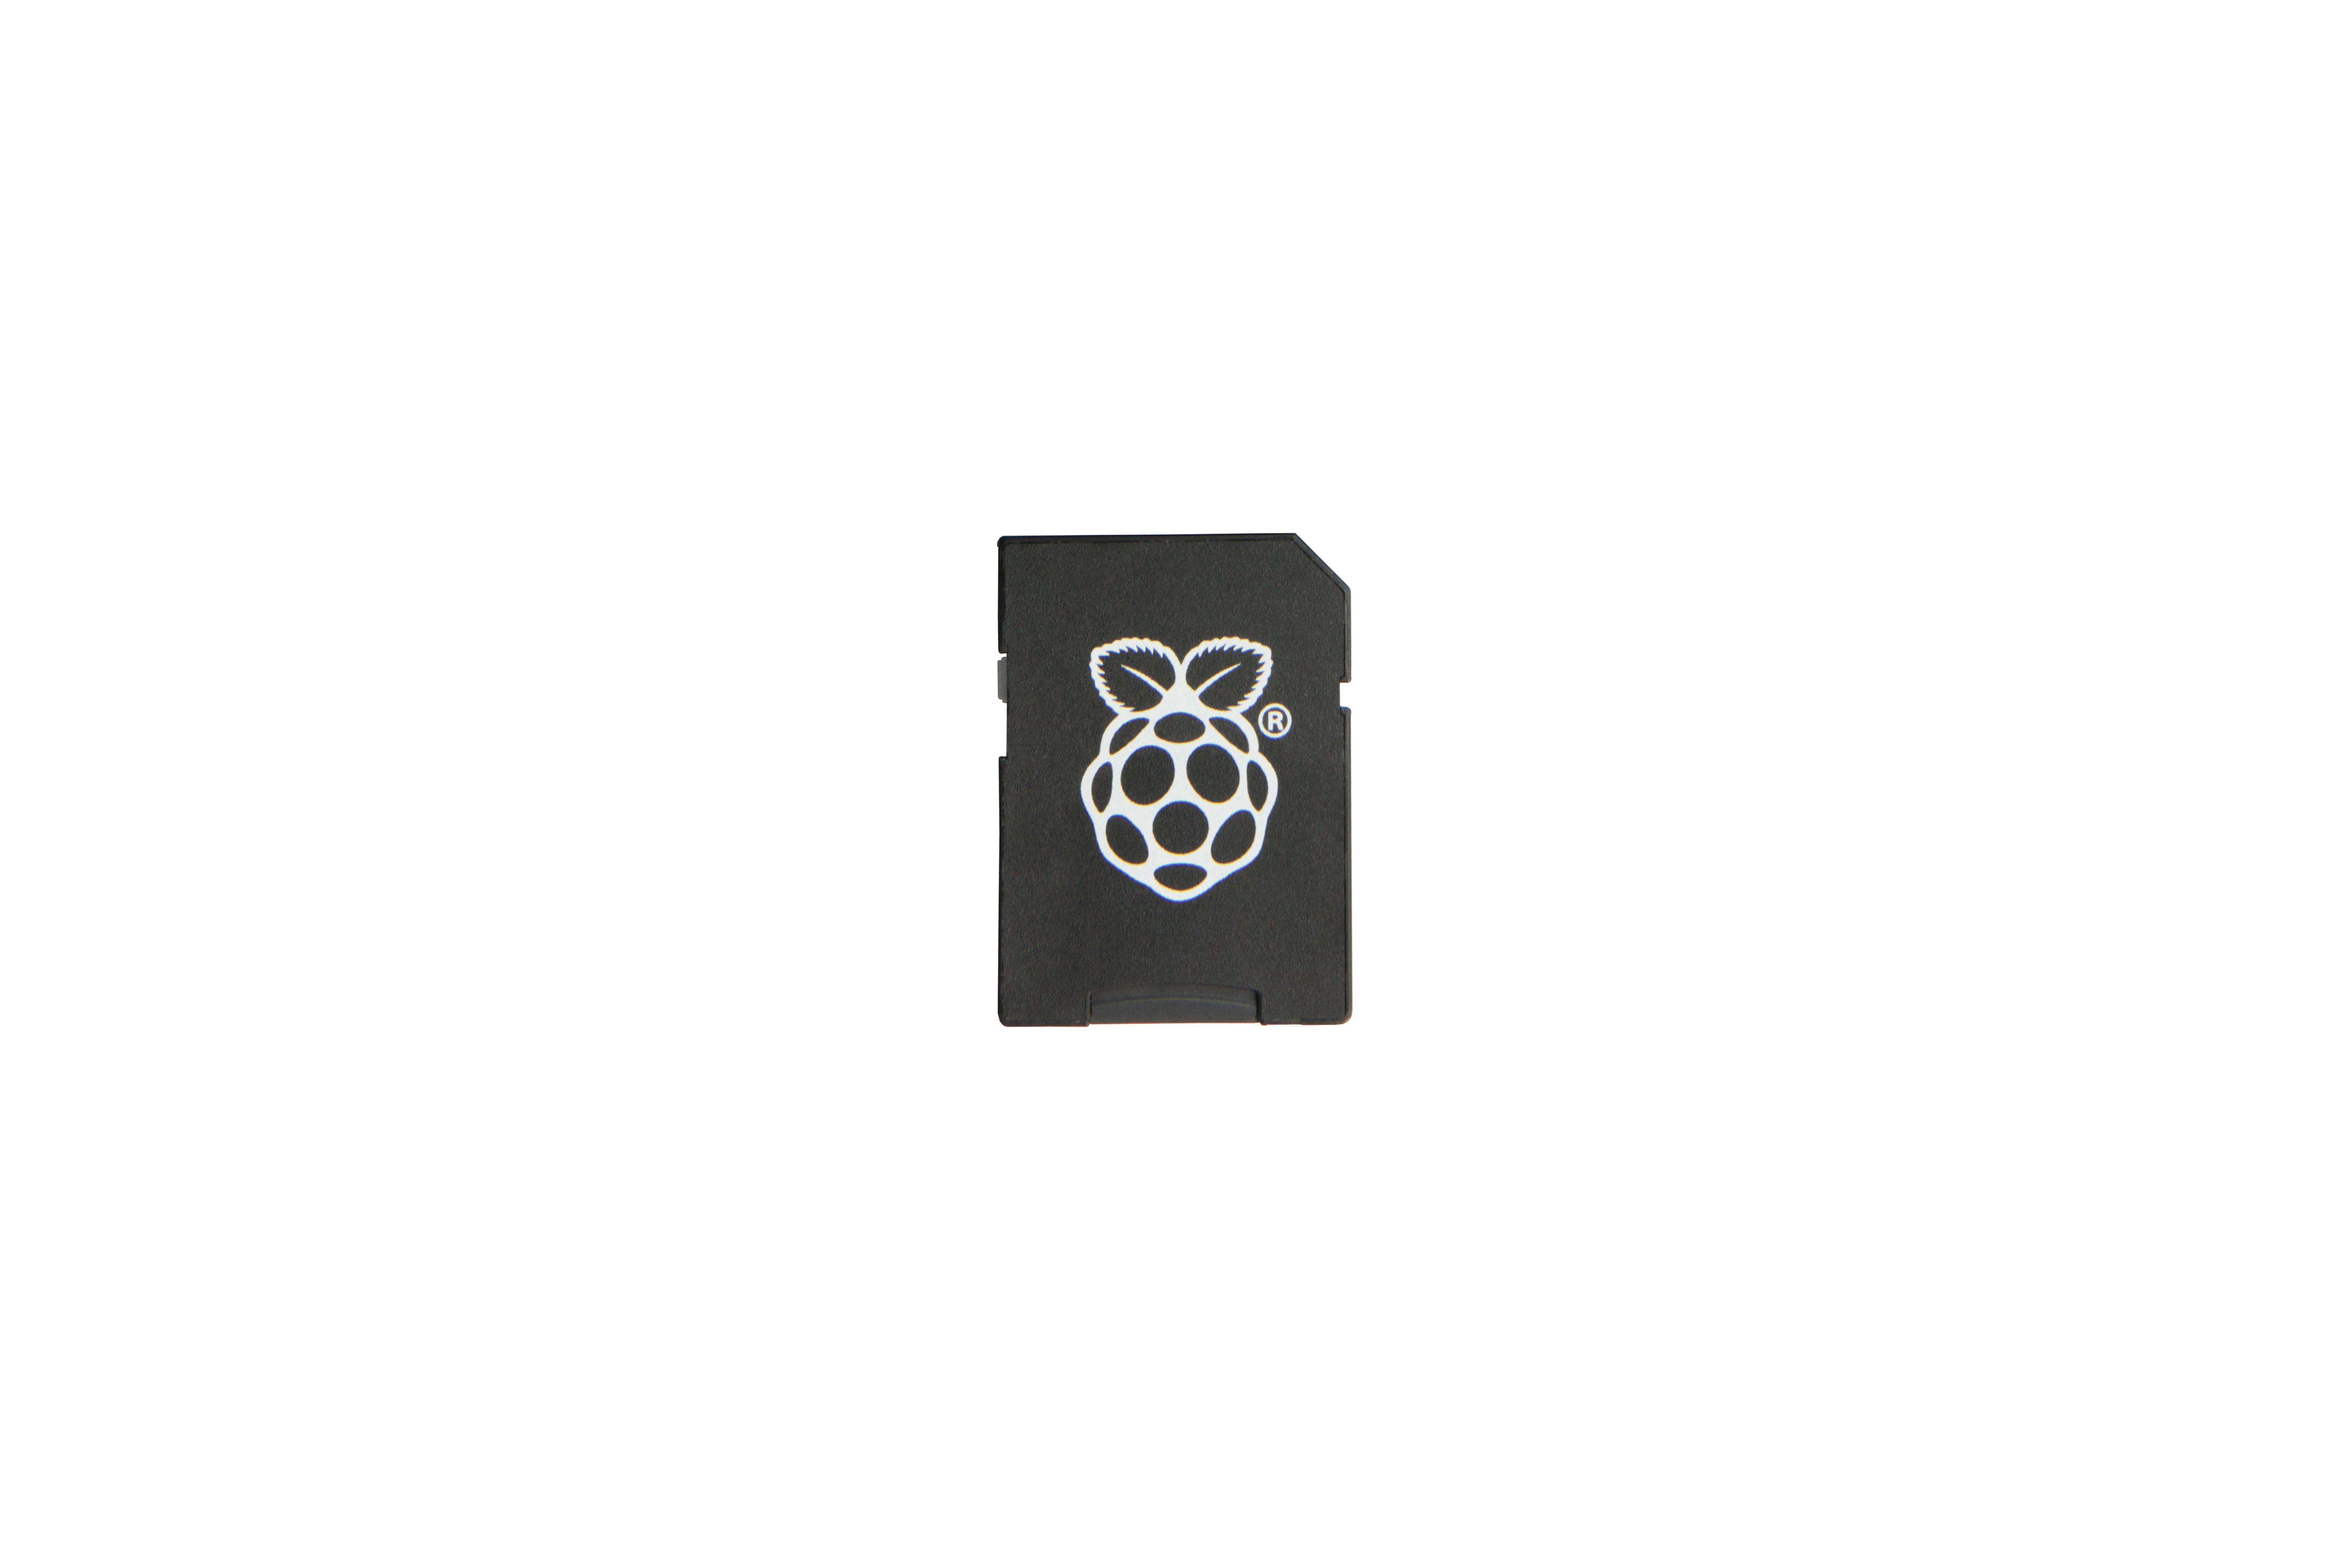 Scheda SD precaricata conNOOBS - 32GB